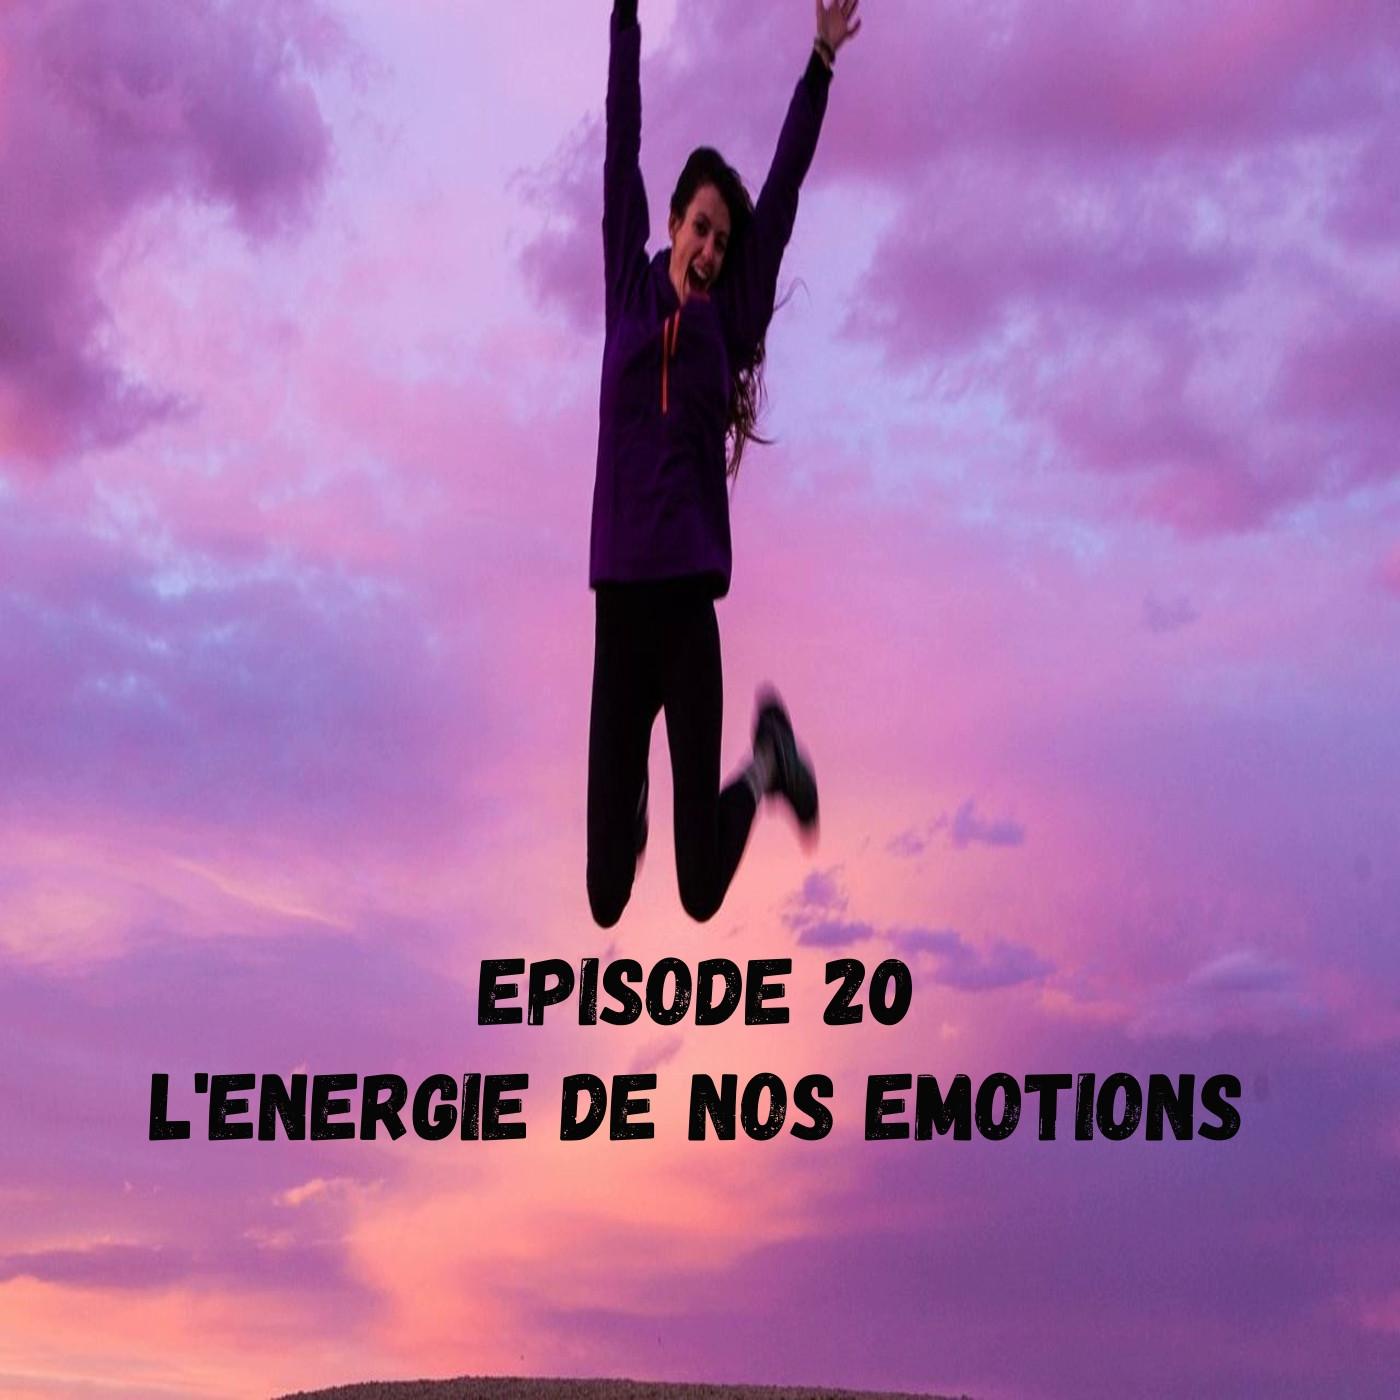 Episode 20 L'énergie de nos émotions